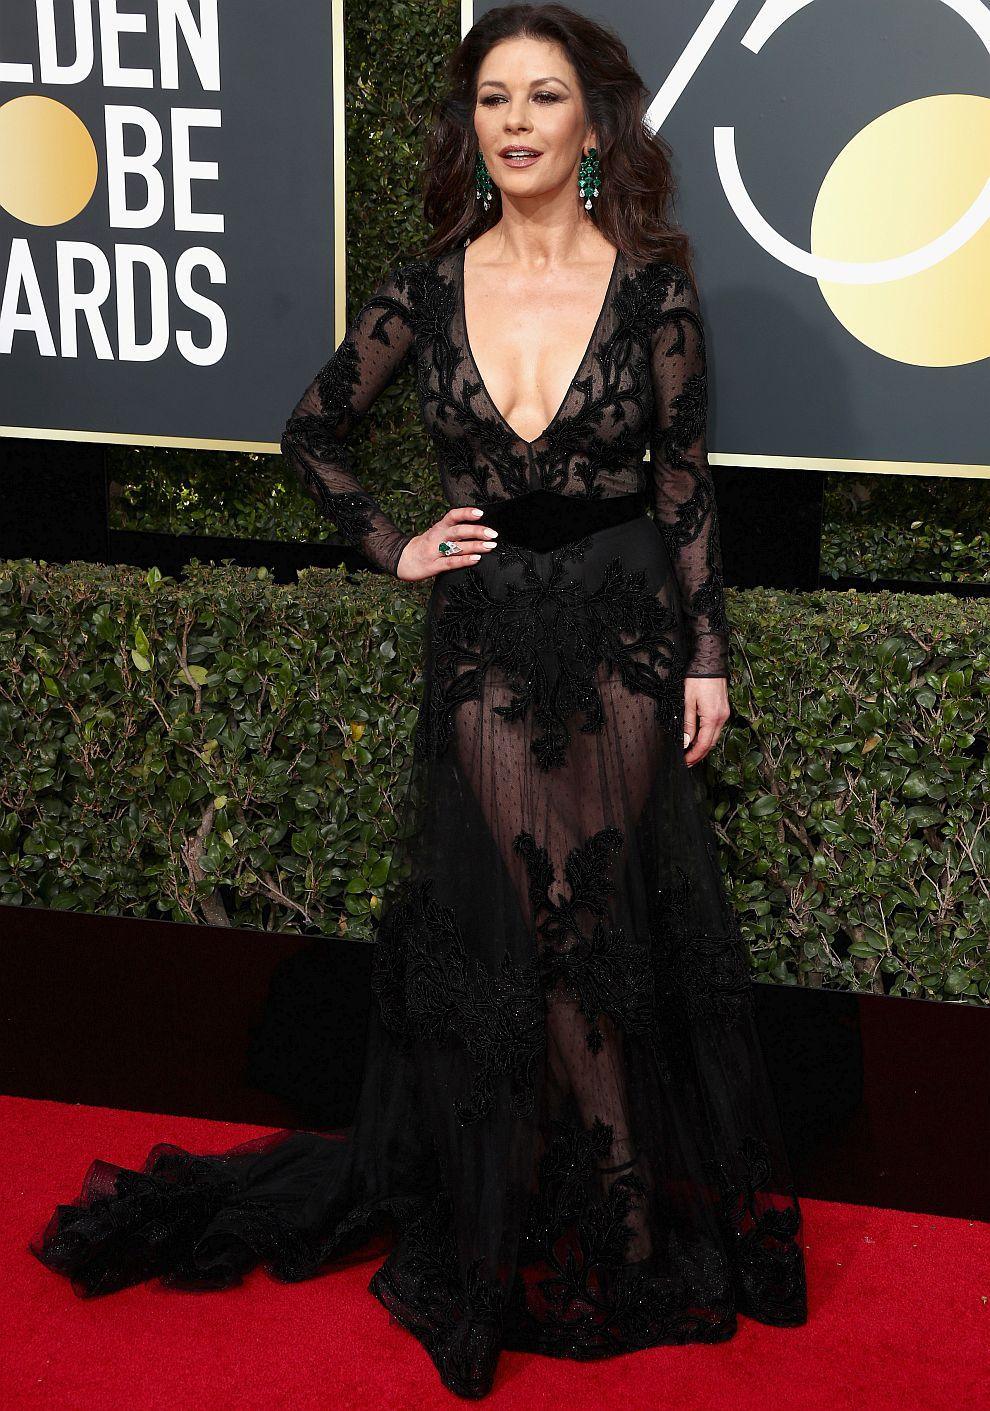 Катрин Зита-Джоунс показа плът с прозрачна и дръзка рокля с дълбоко деколте